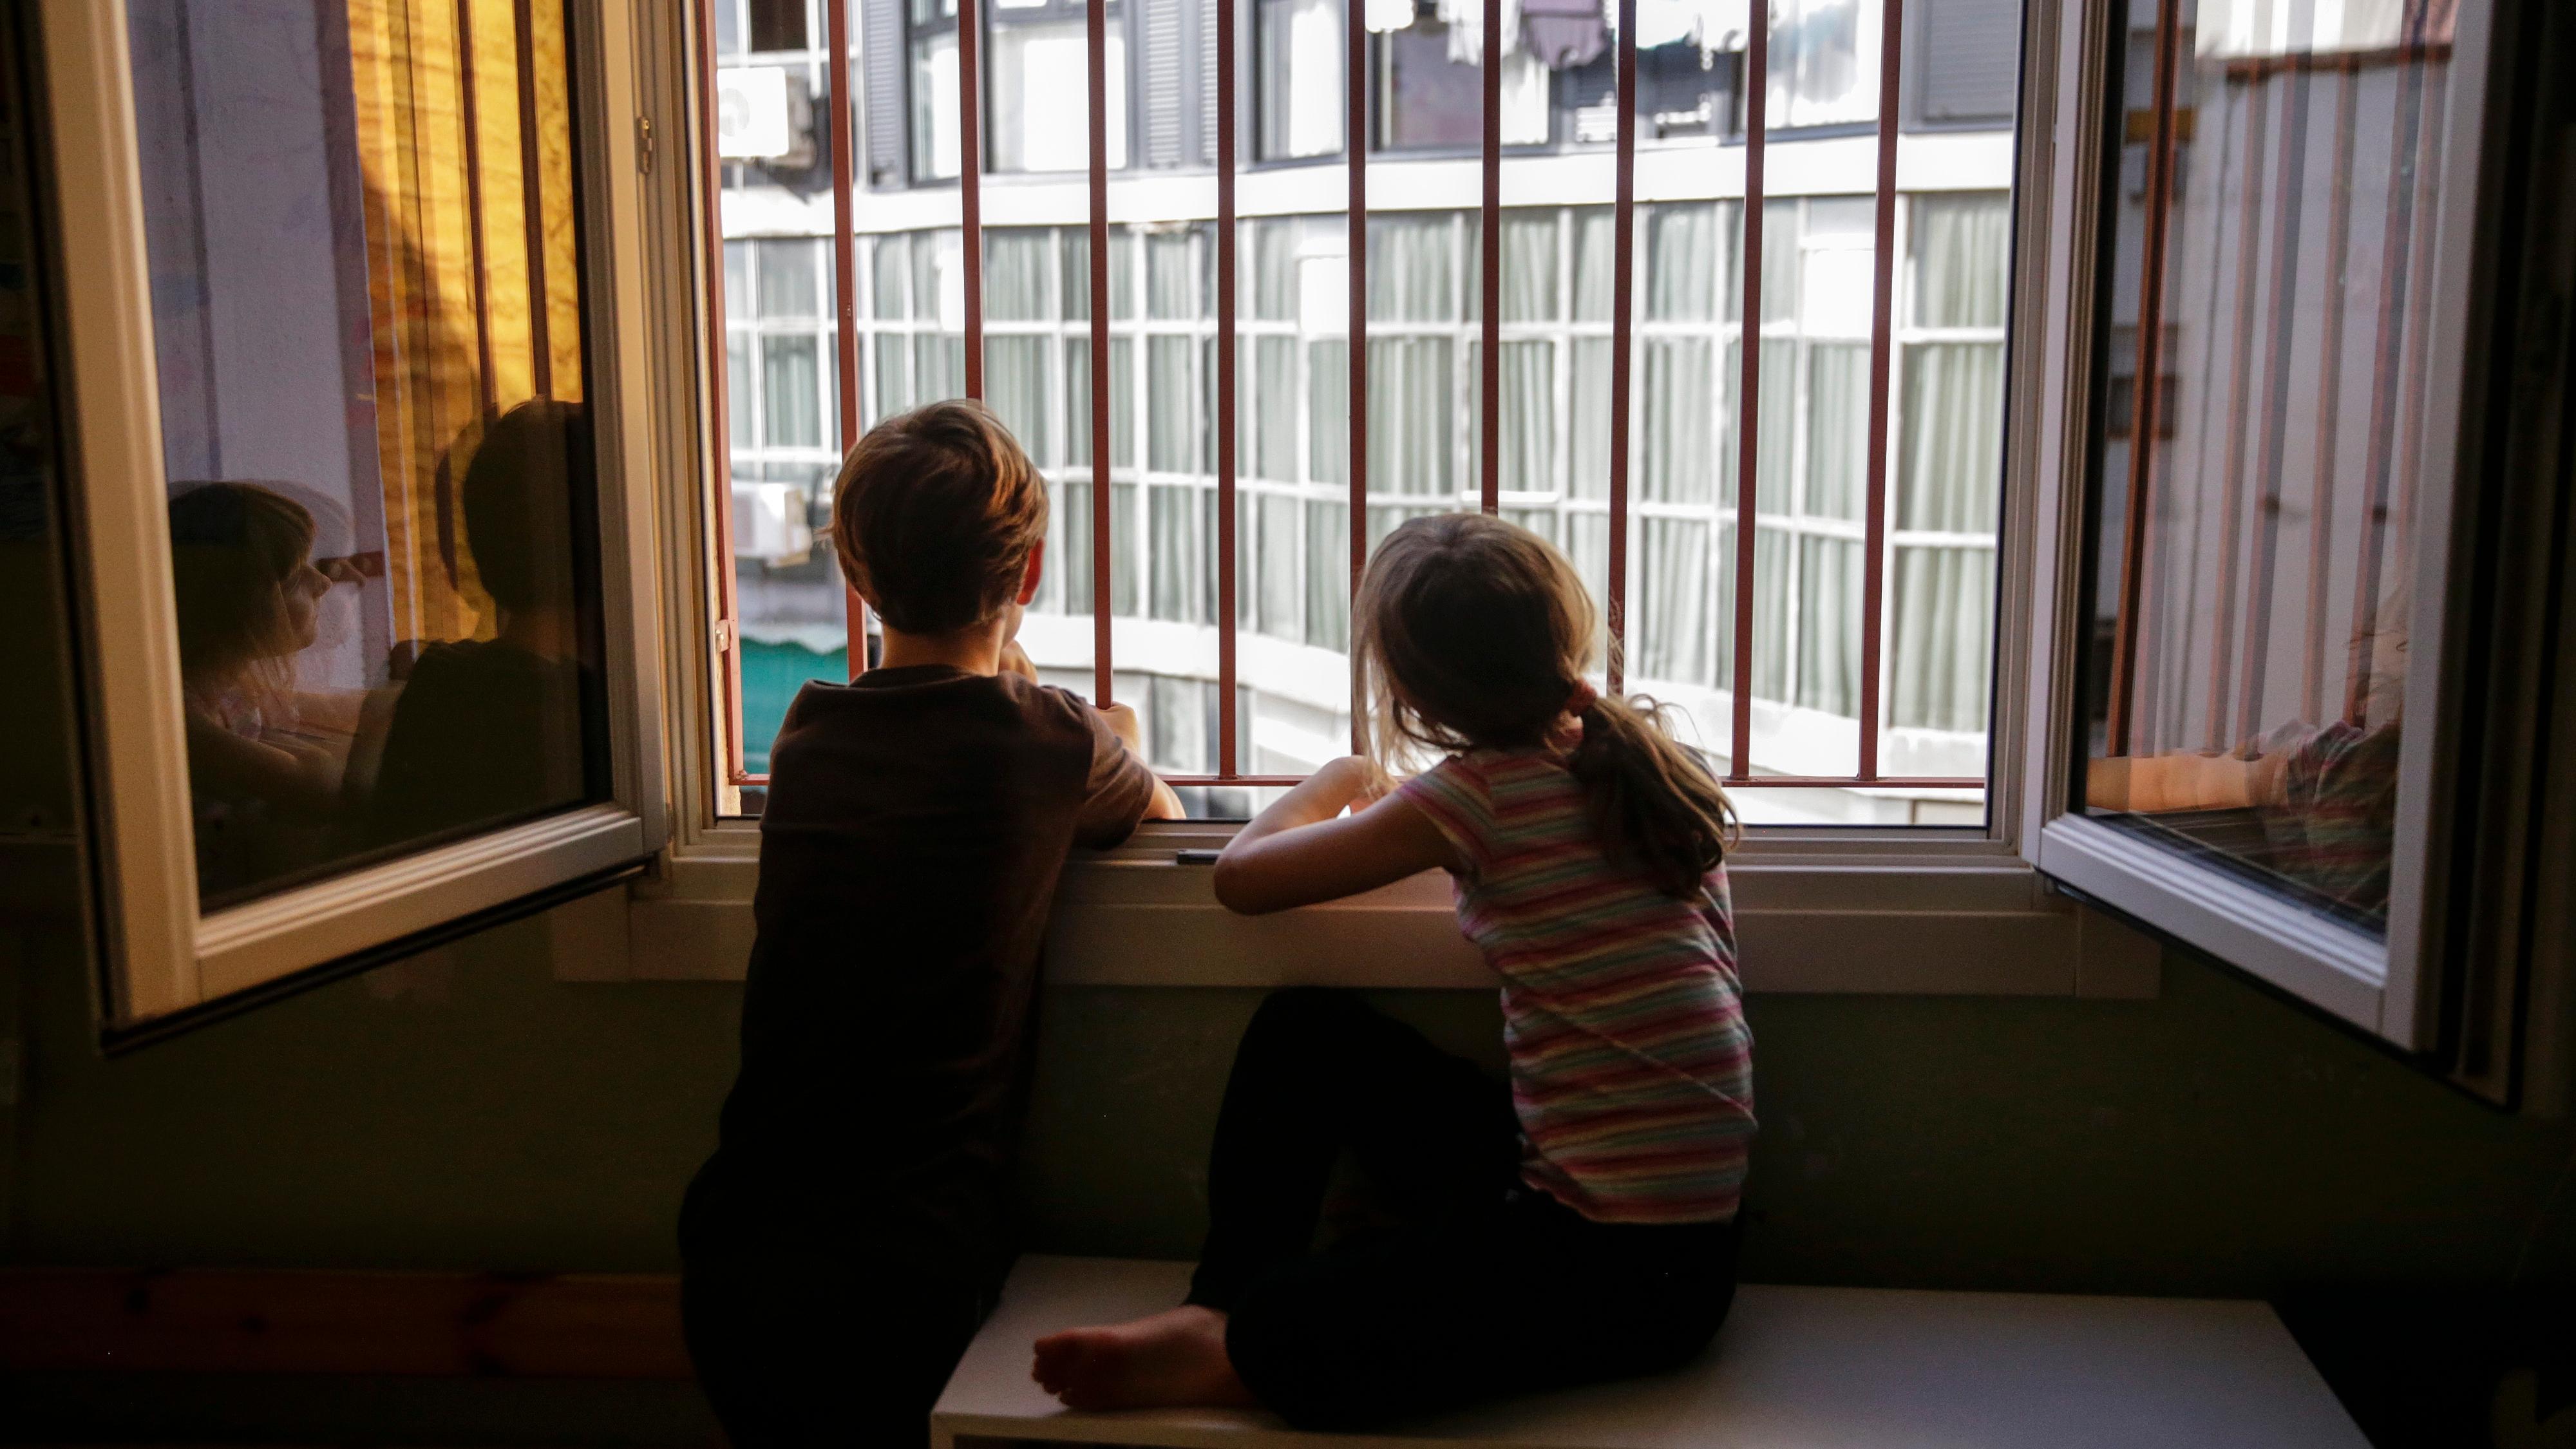 El coronavirus no se ceba con los niños, el confinamiento sí | Sociedad |  EL PAÍS